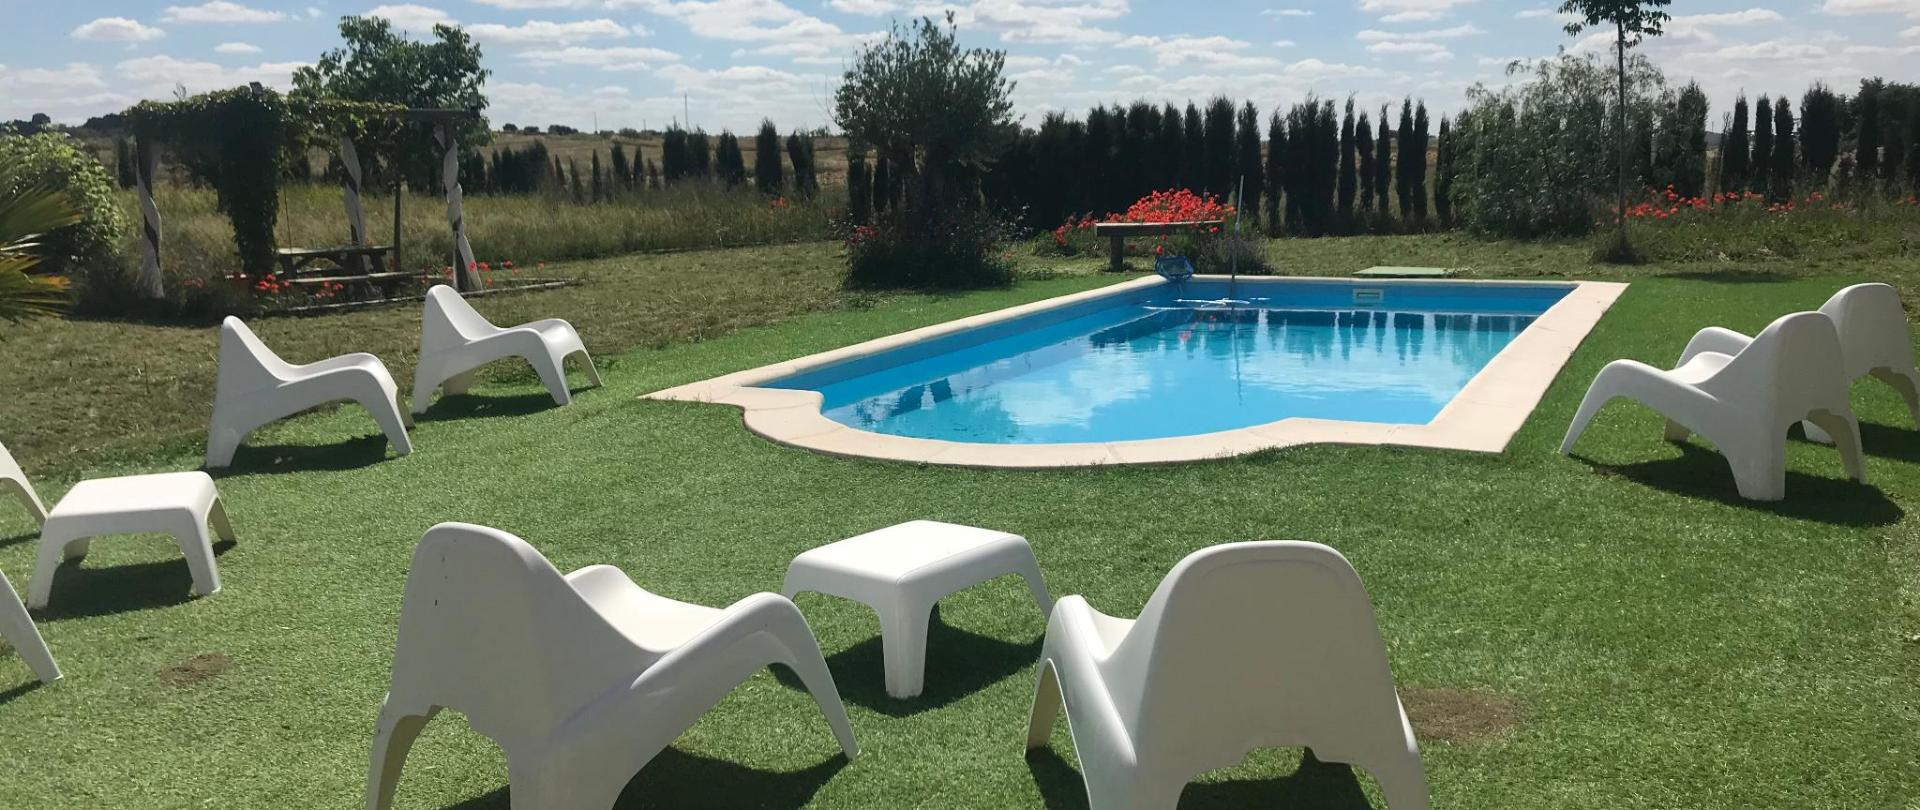 piscina 2018.jpg